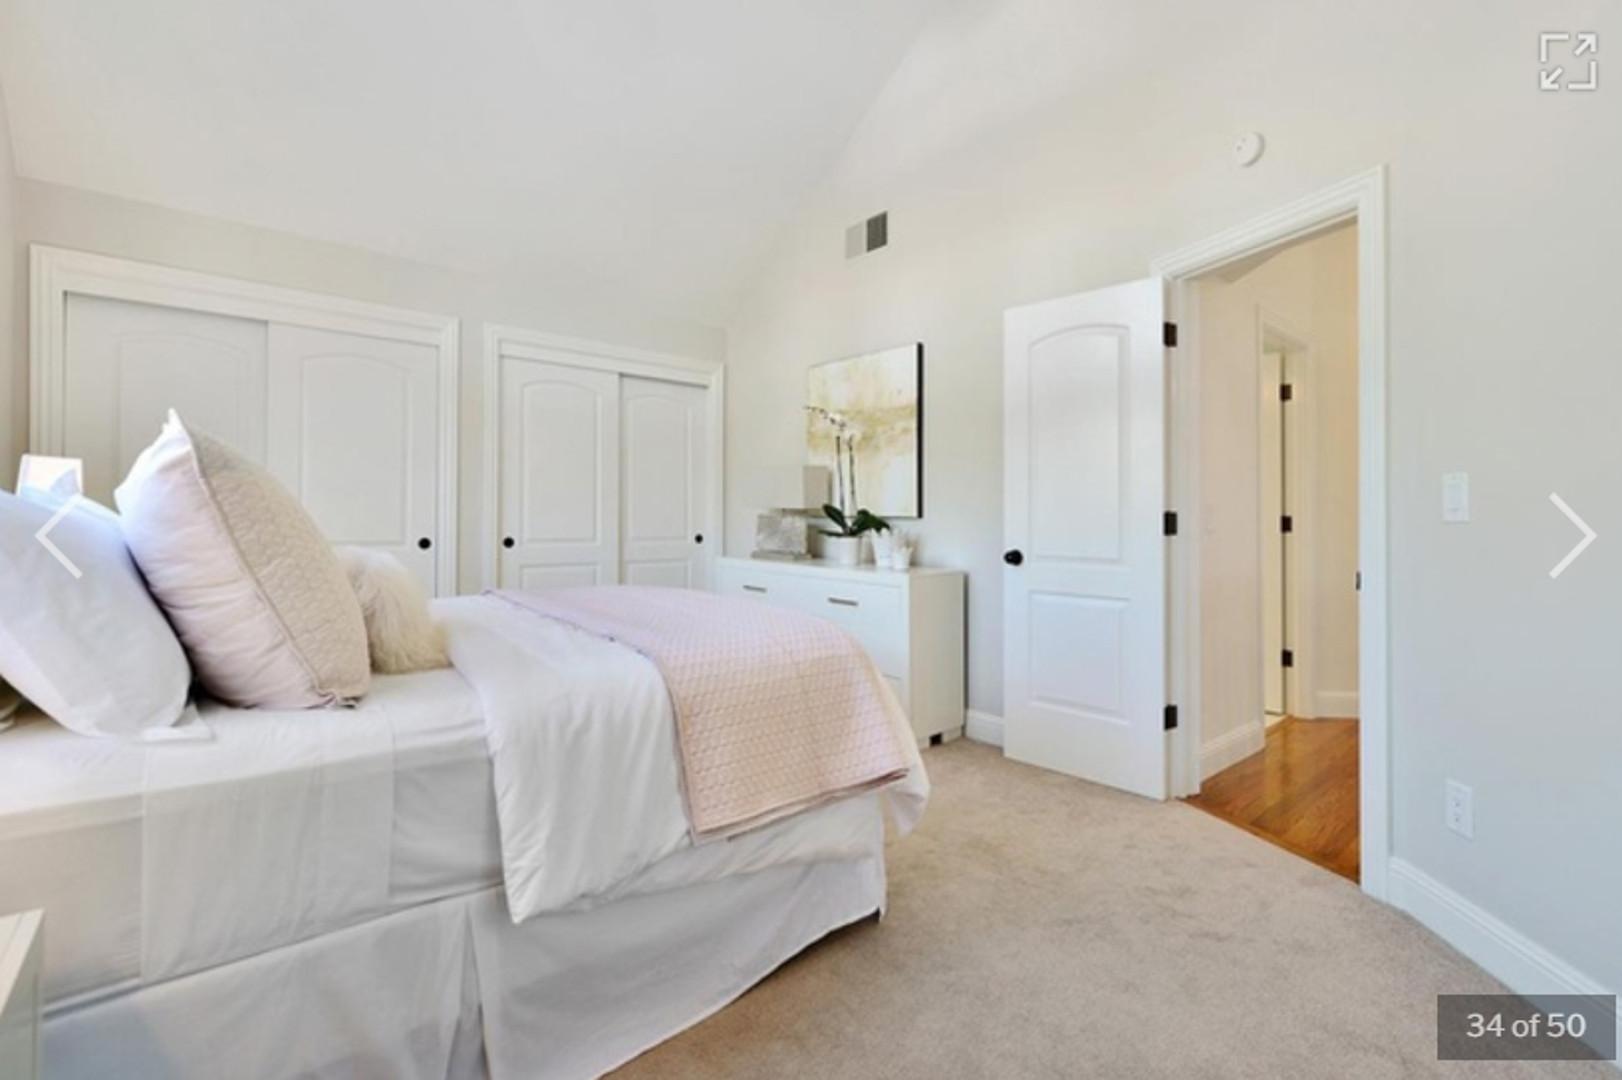 Transitional - Bryant - Bedroom - 2 - Af